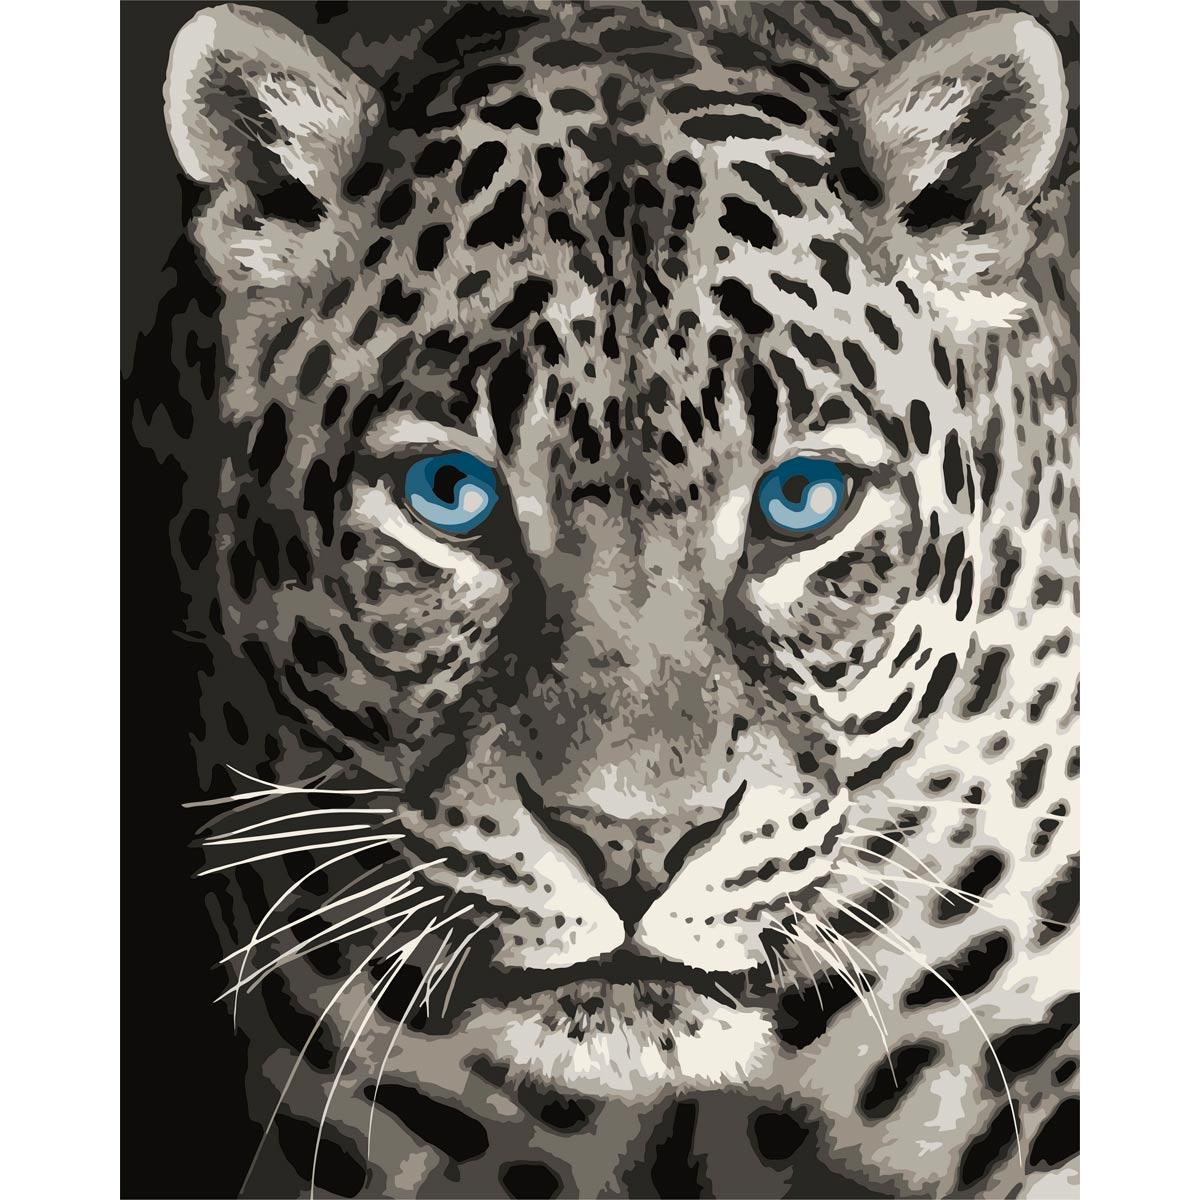 F012 Набор для рисования по номерам 'Голубоглазый леопард' 40*50см